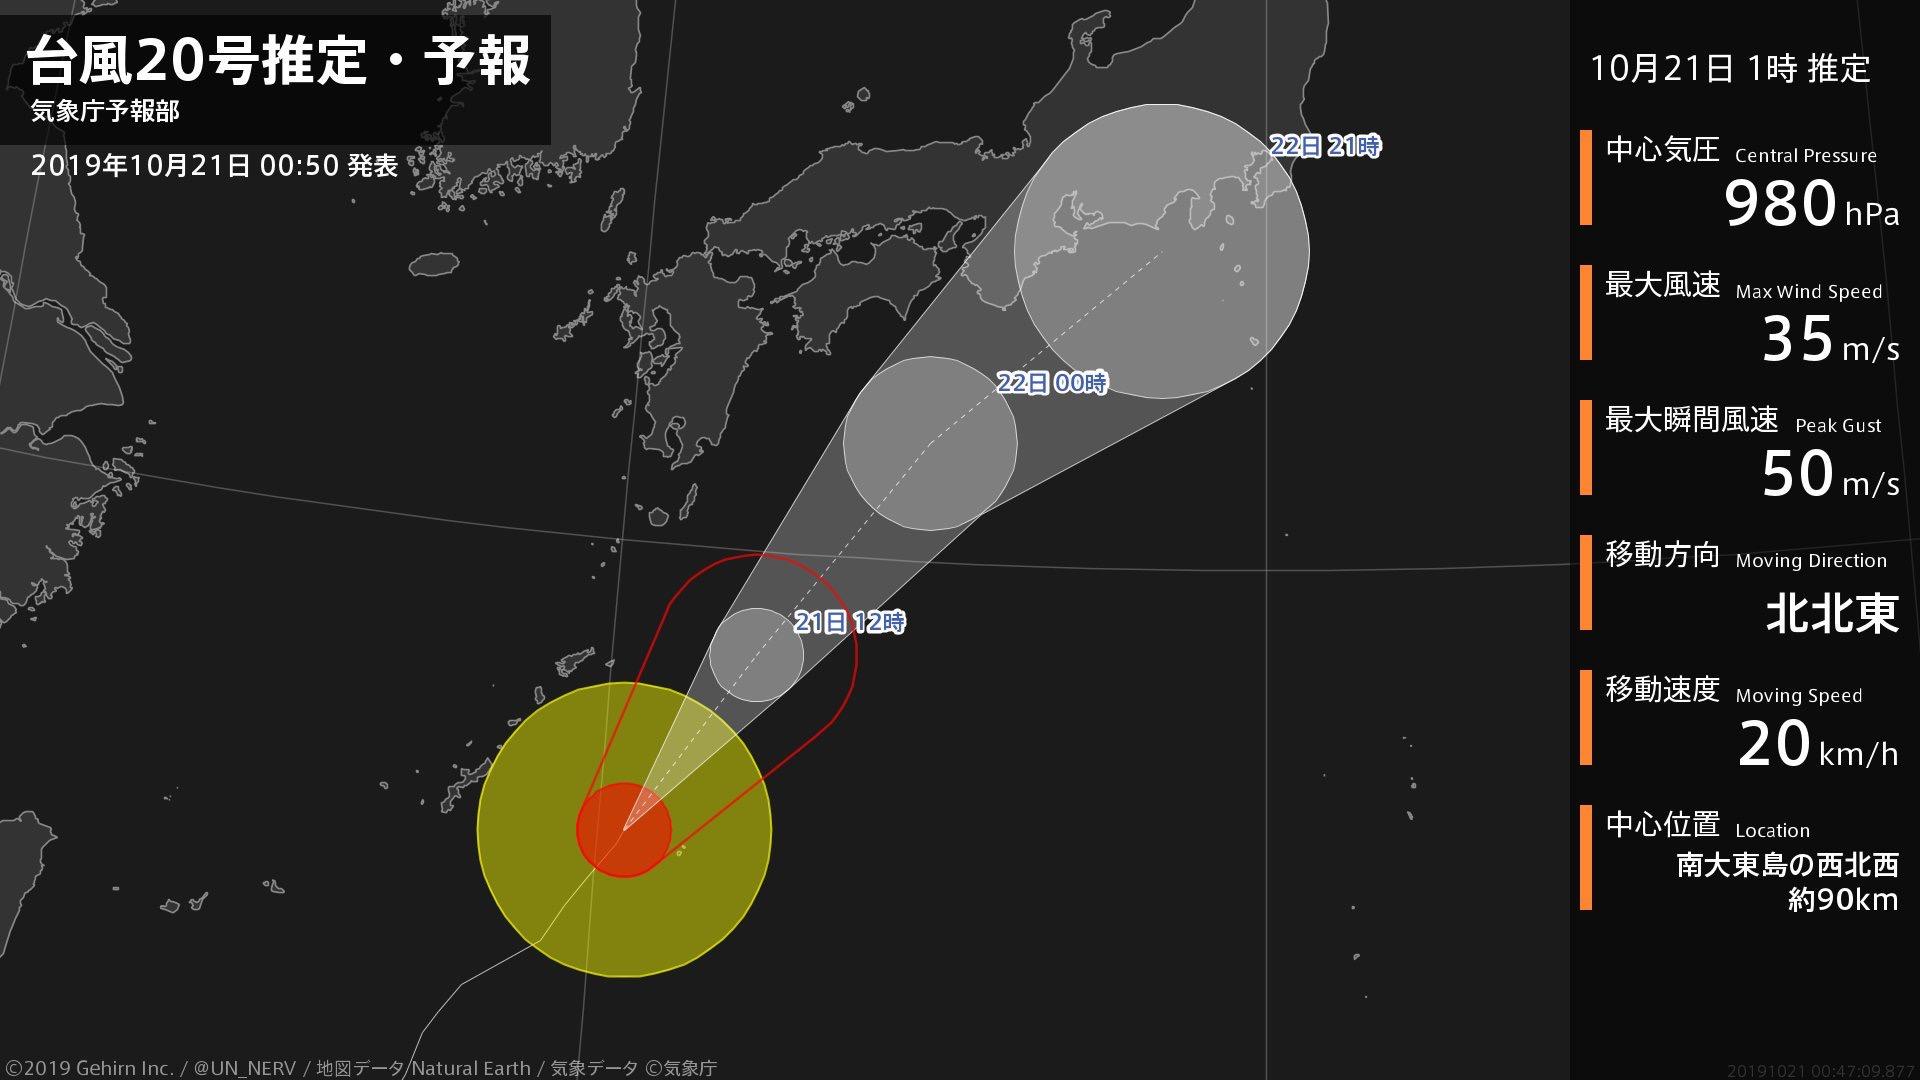 [超画像]10月21日 00:47 台風20号ノグリー、ガチでヤバイ